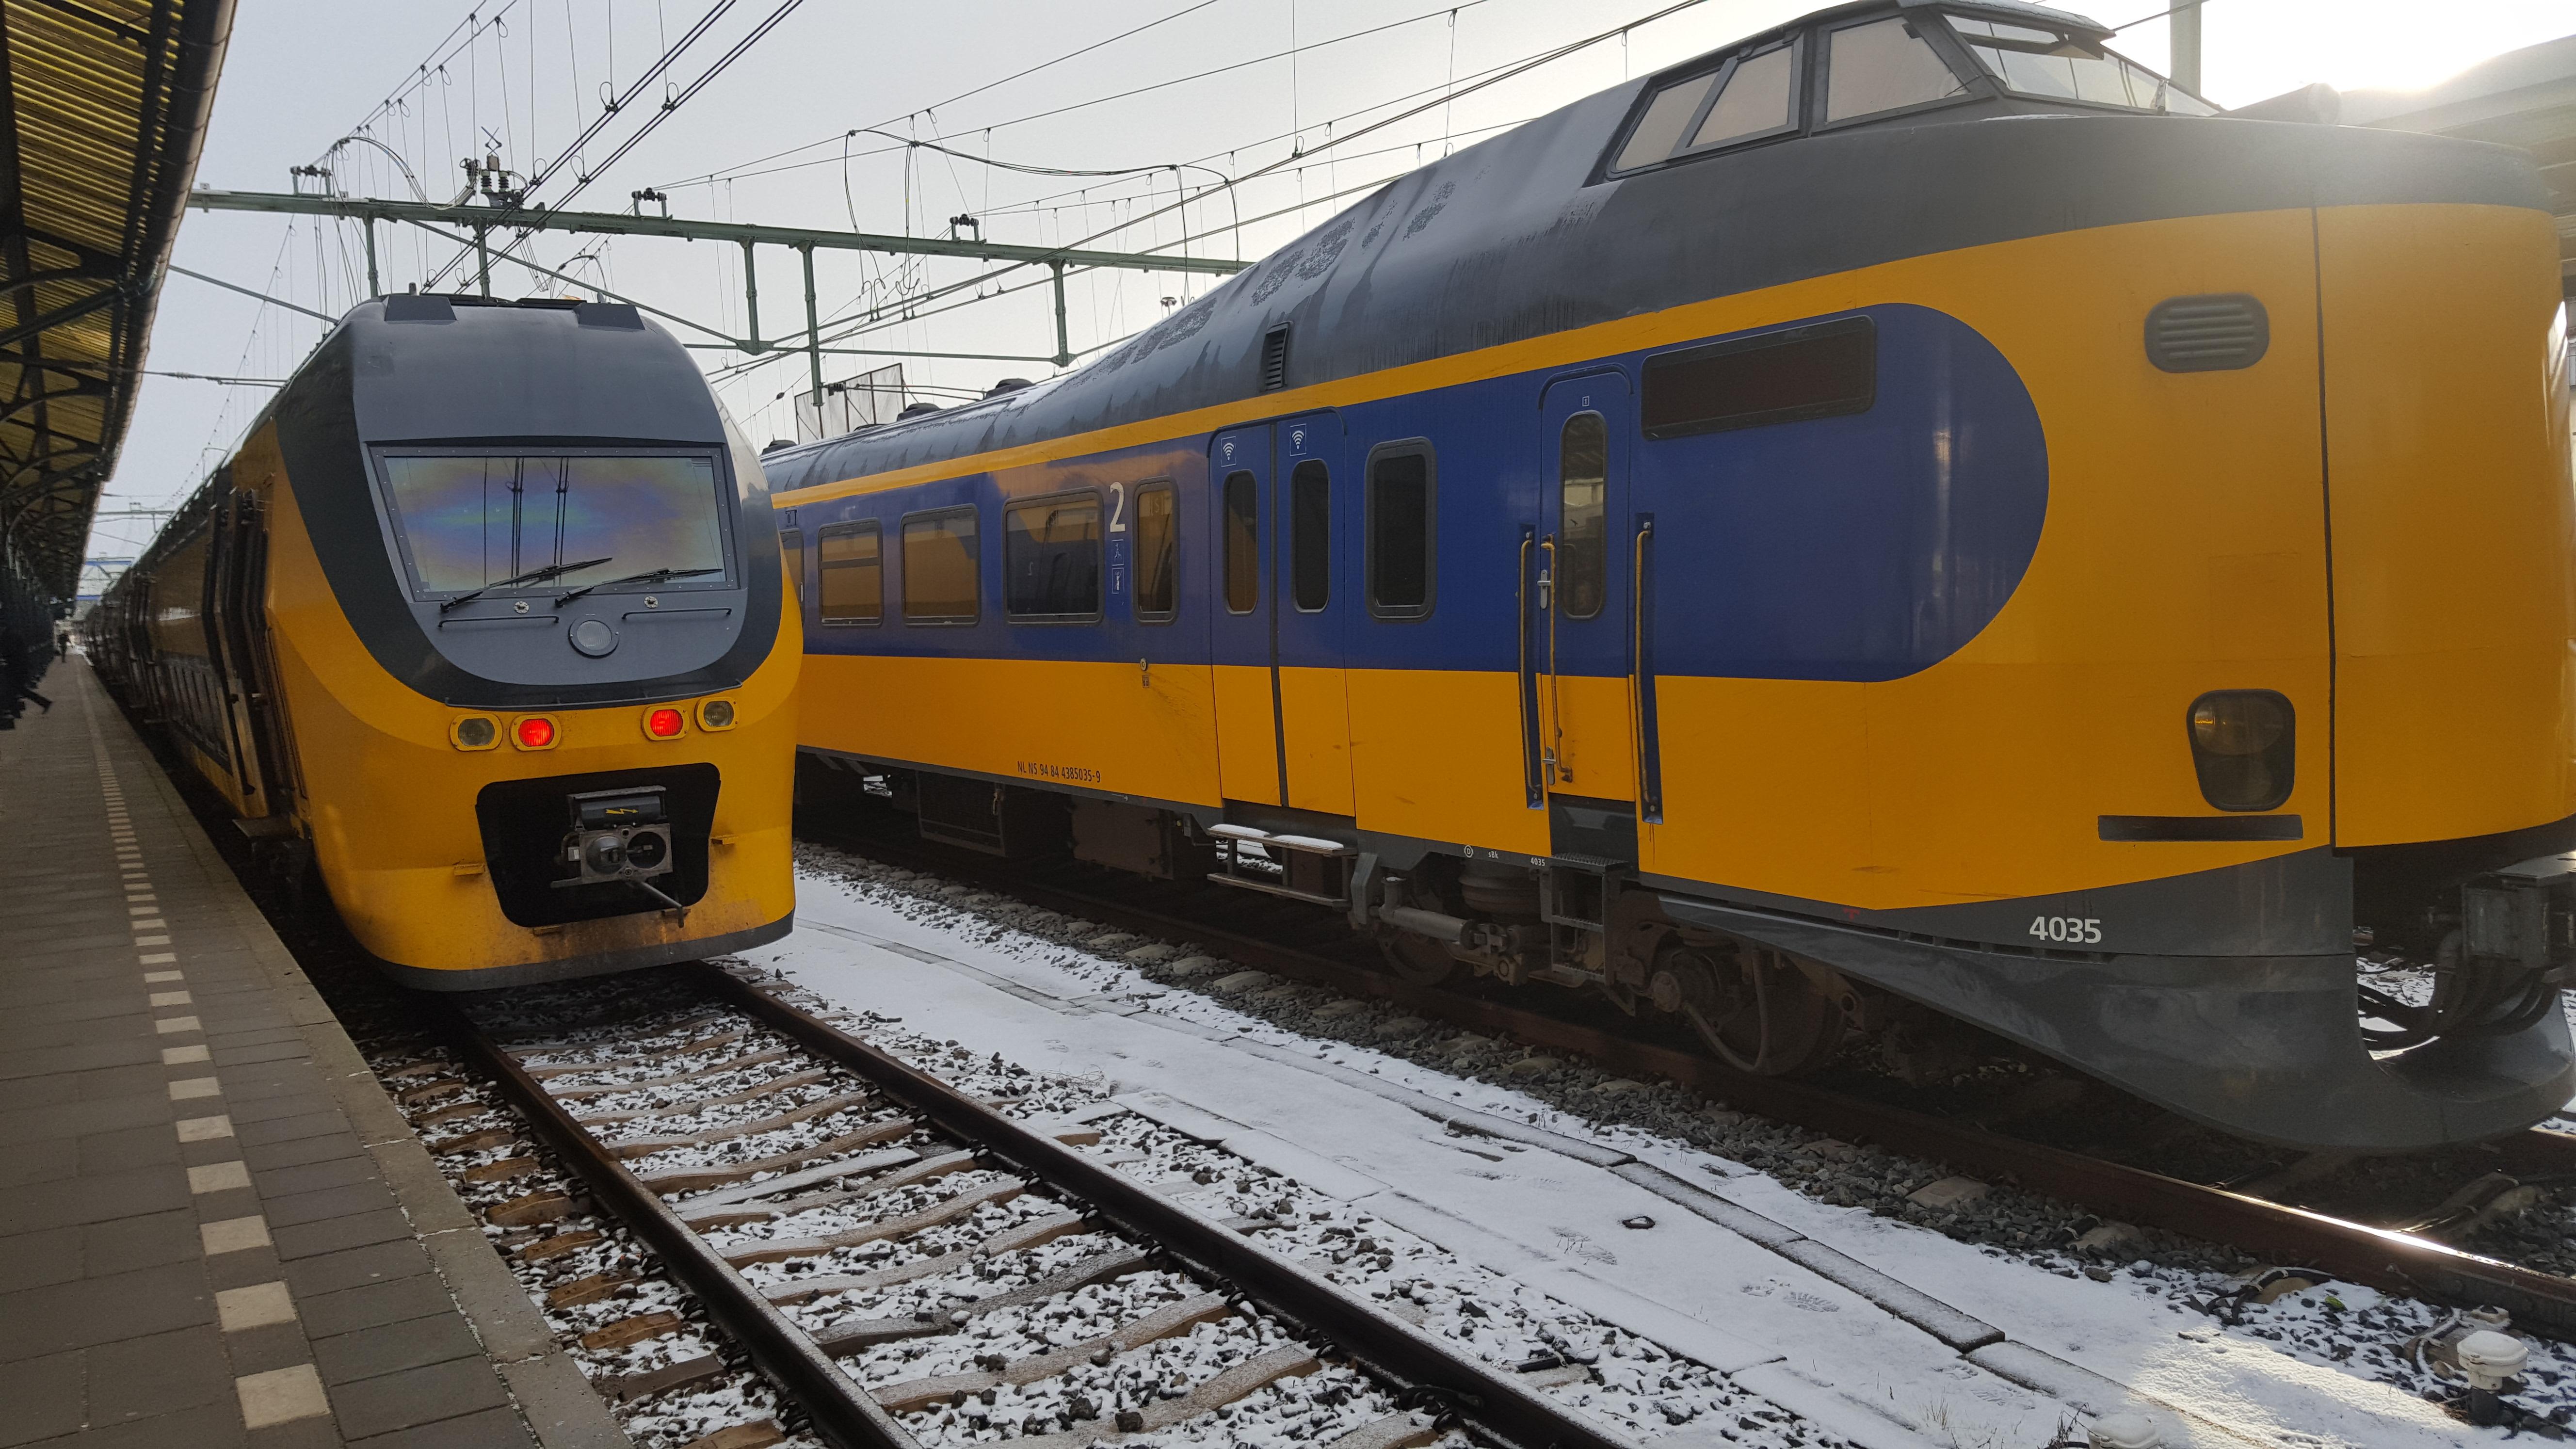 treinreis plannen ns